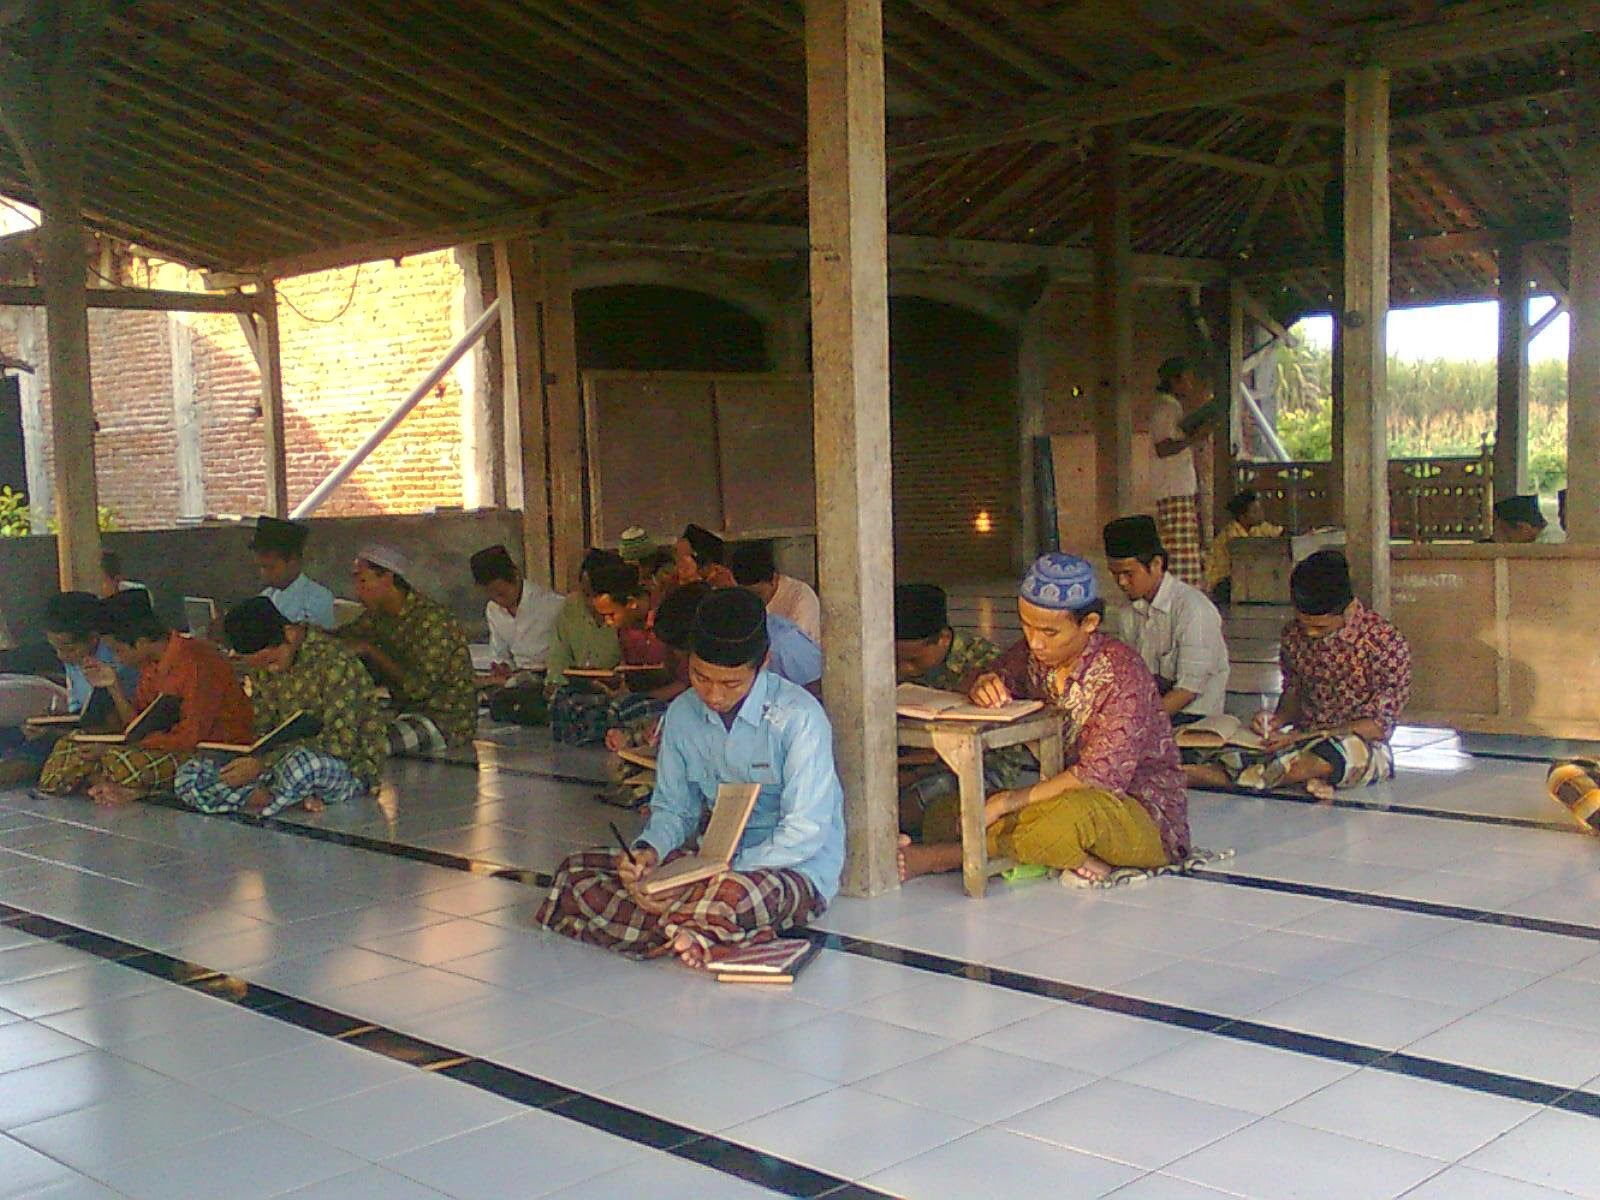 Suasana kegiatan mengaji di Pondok Pesantren Fadllul Wahid, Ngangkruk, Bandungsari, Ngaringan , Grobogan.